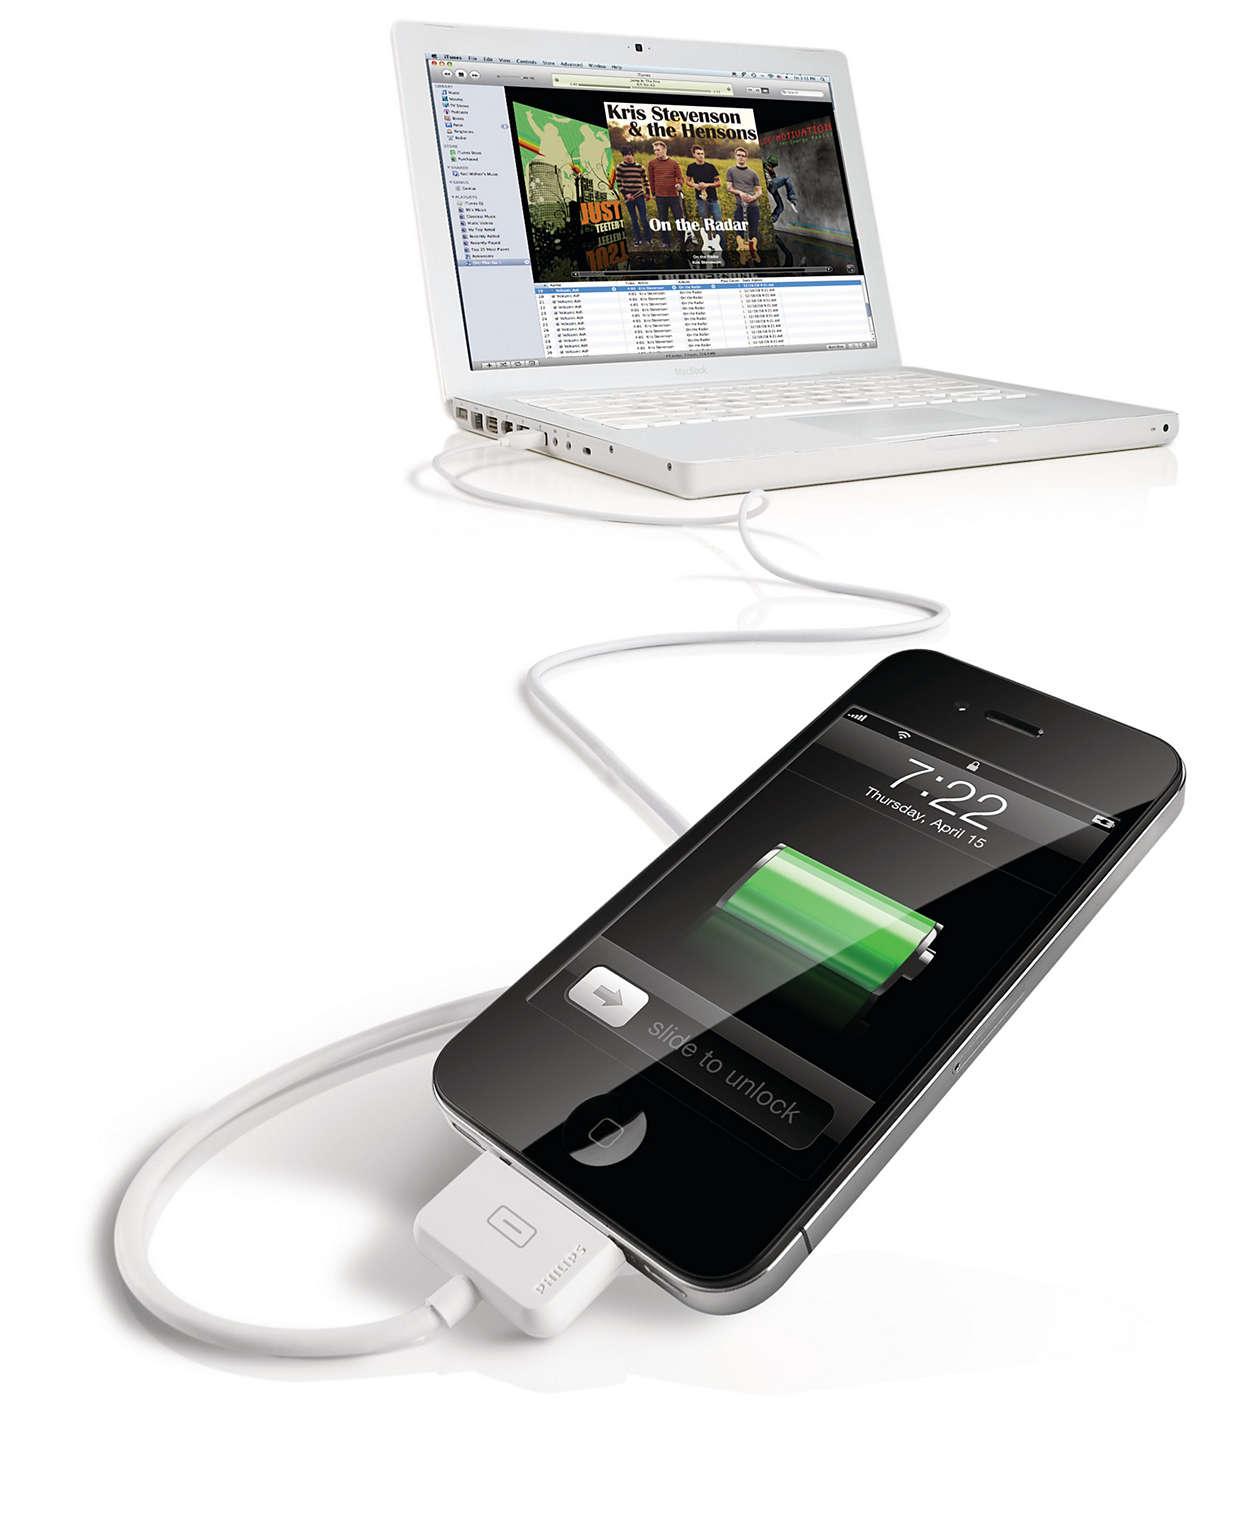 Připojení kpočítači pomocí USB